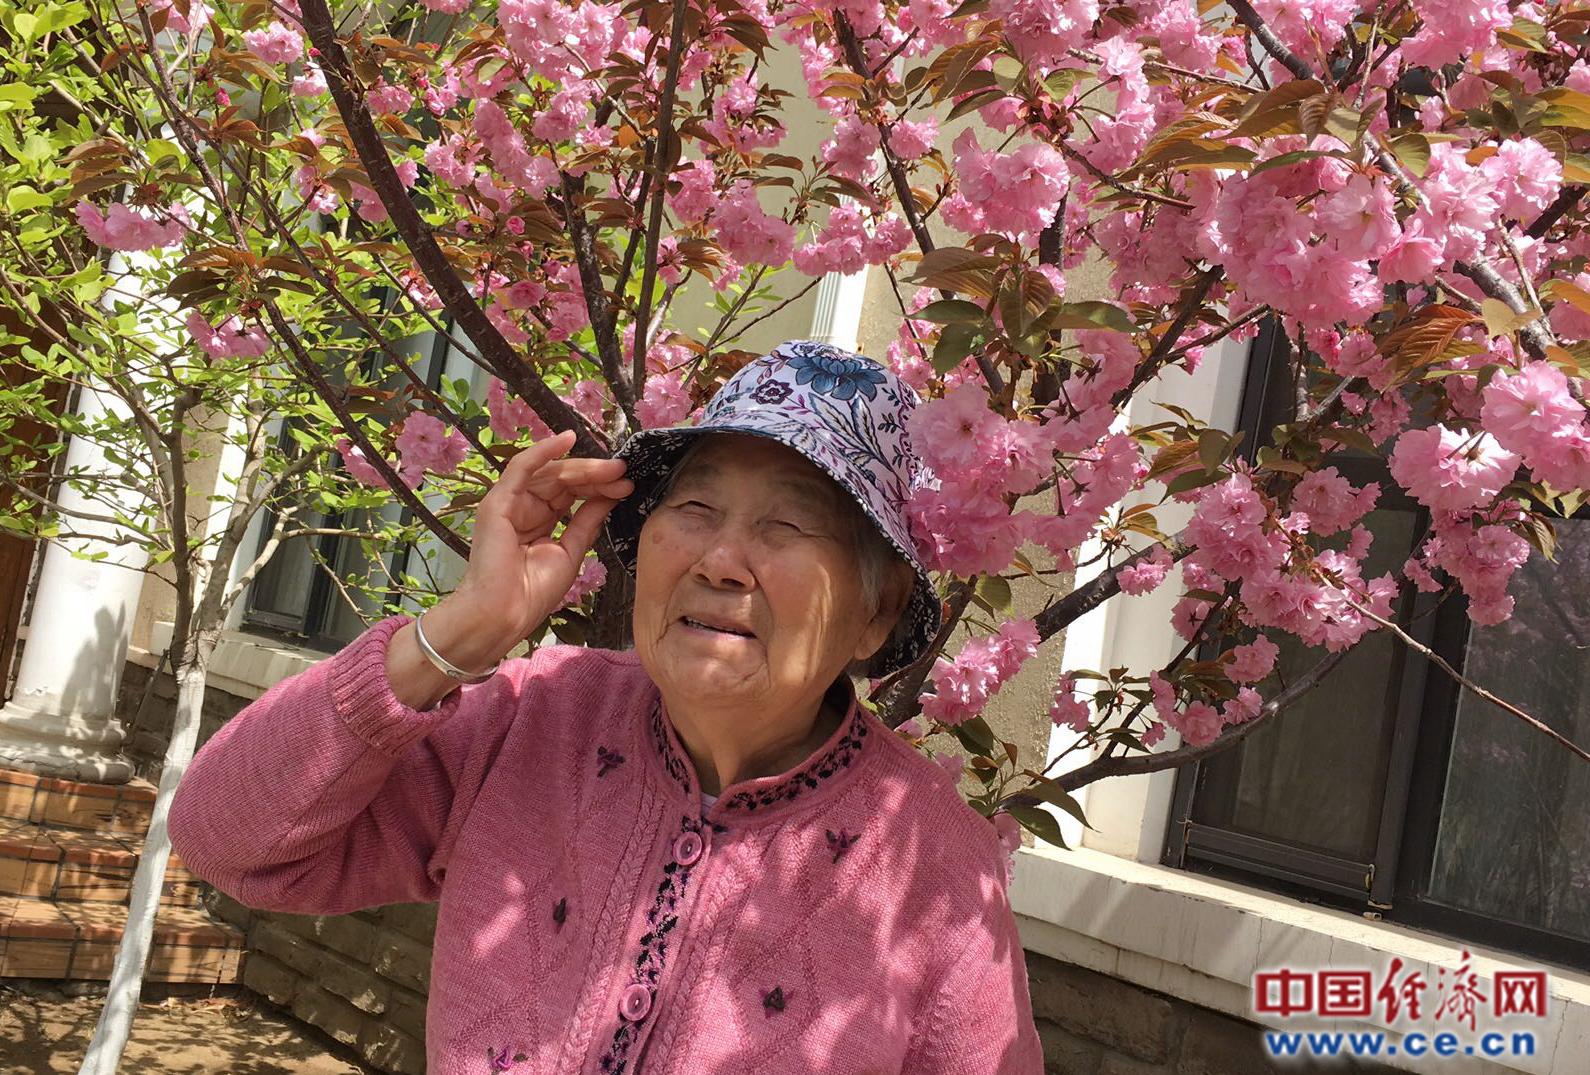 老年人怎样健康过年?专家来支招